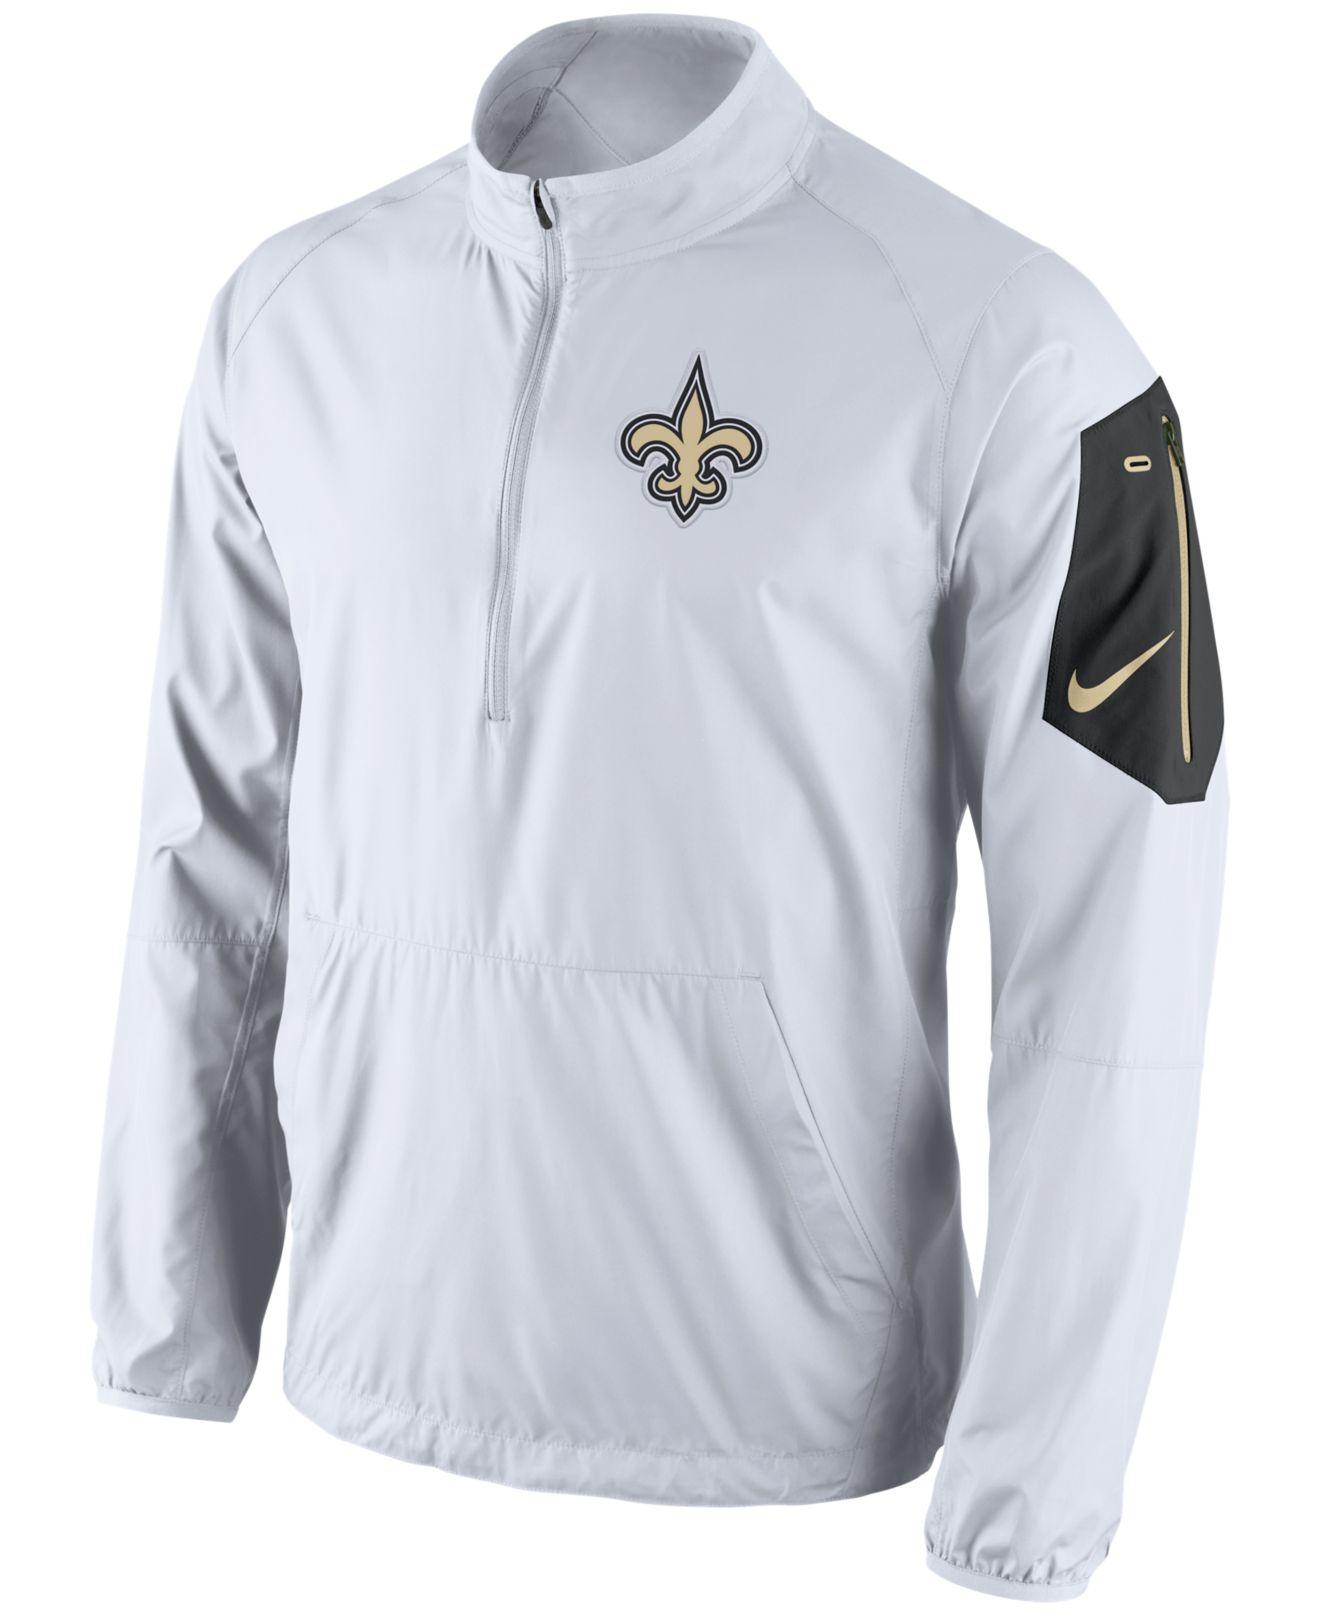 04a7d3c4e823 Lyst - Nike Men s New Orleans Saints Lockdown Half-zip Jacket in ...